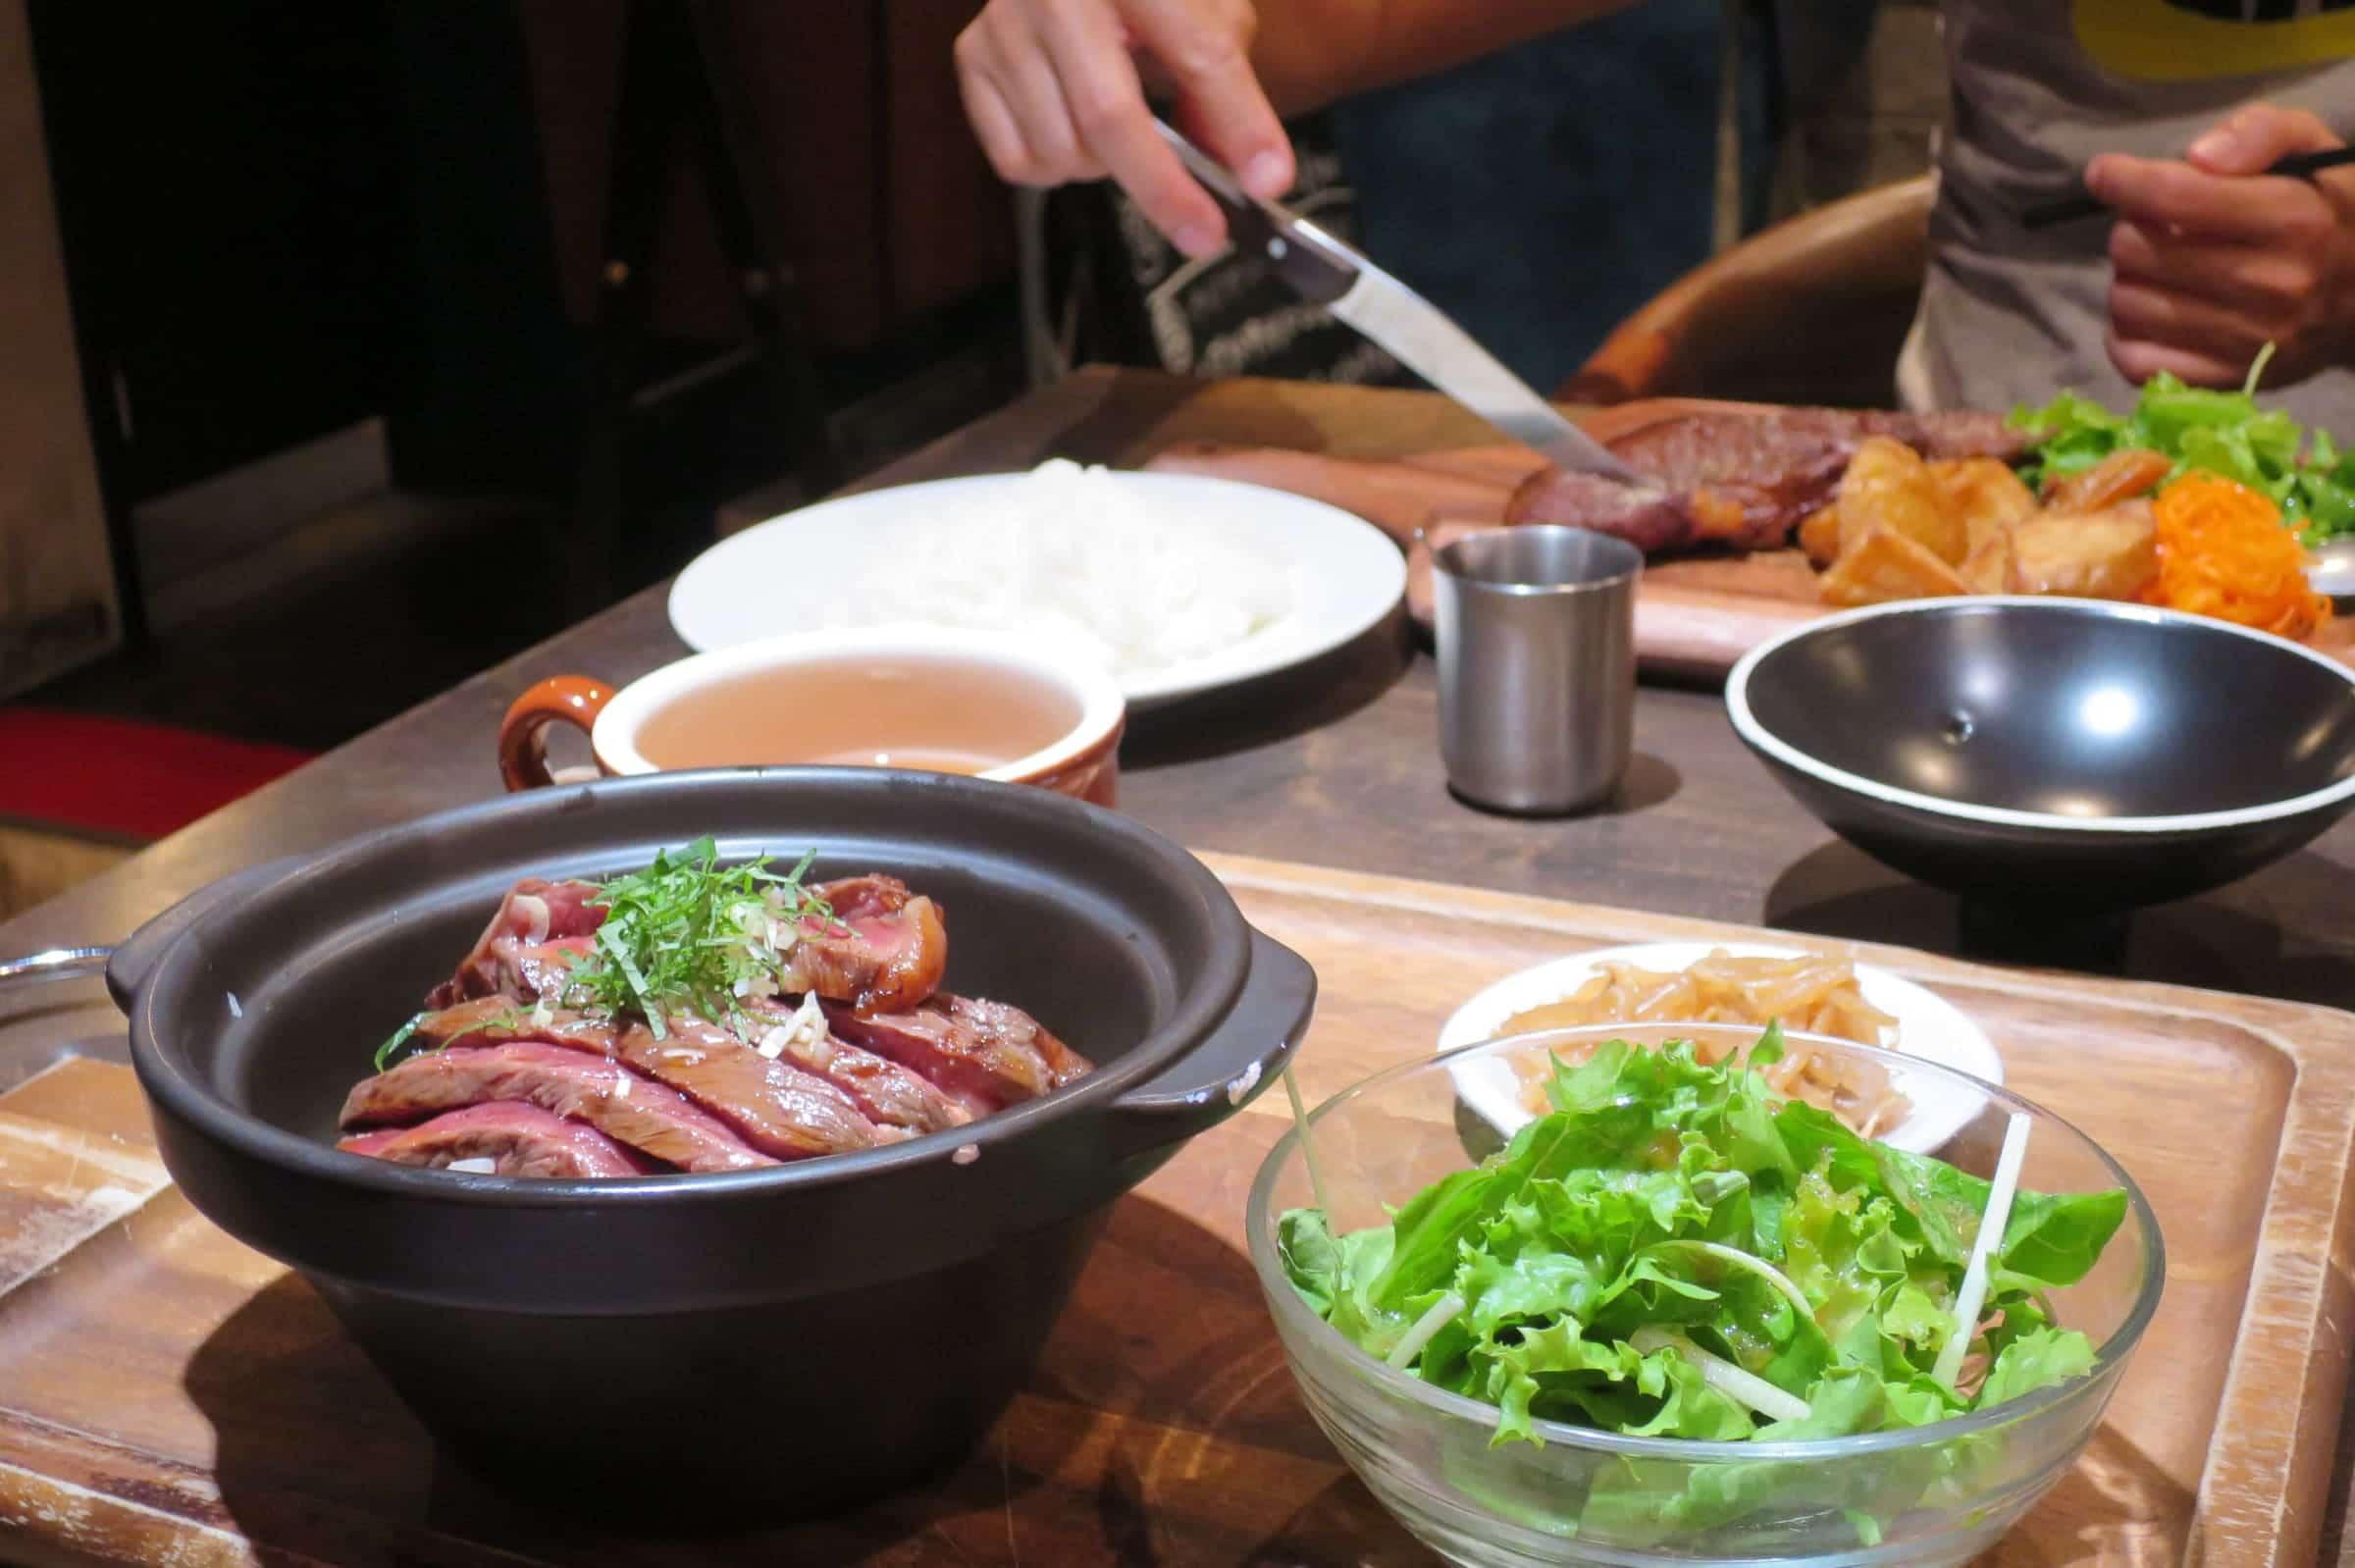 【美食推薦】京都四条河原町美食3選!蛋包飯、炙燒牛排丼、咖啡店精選推薦